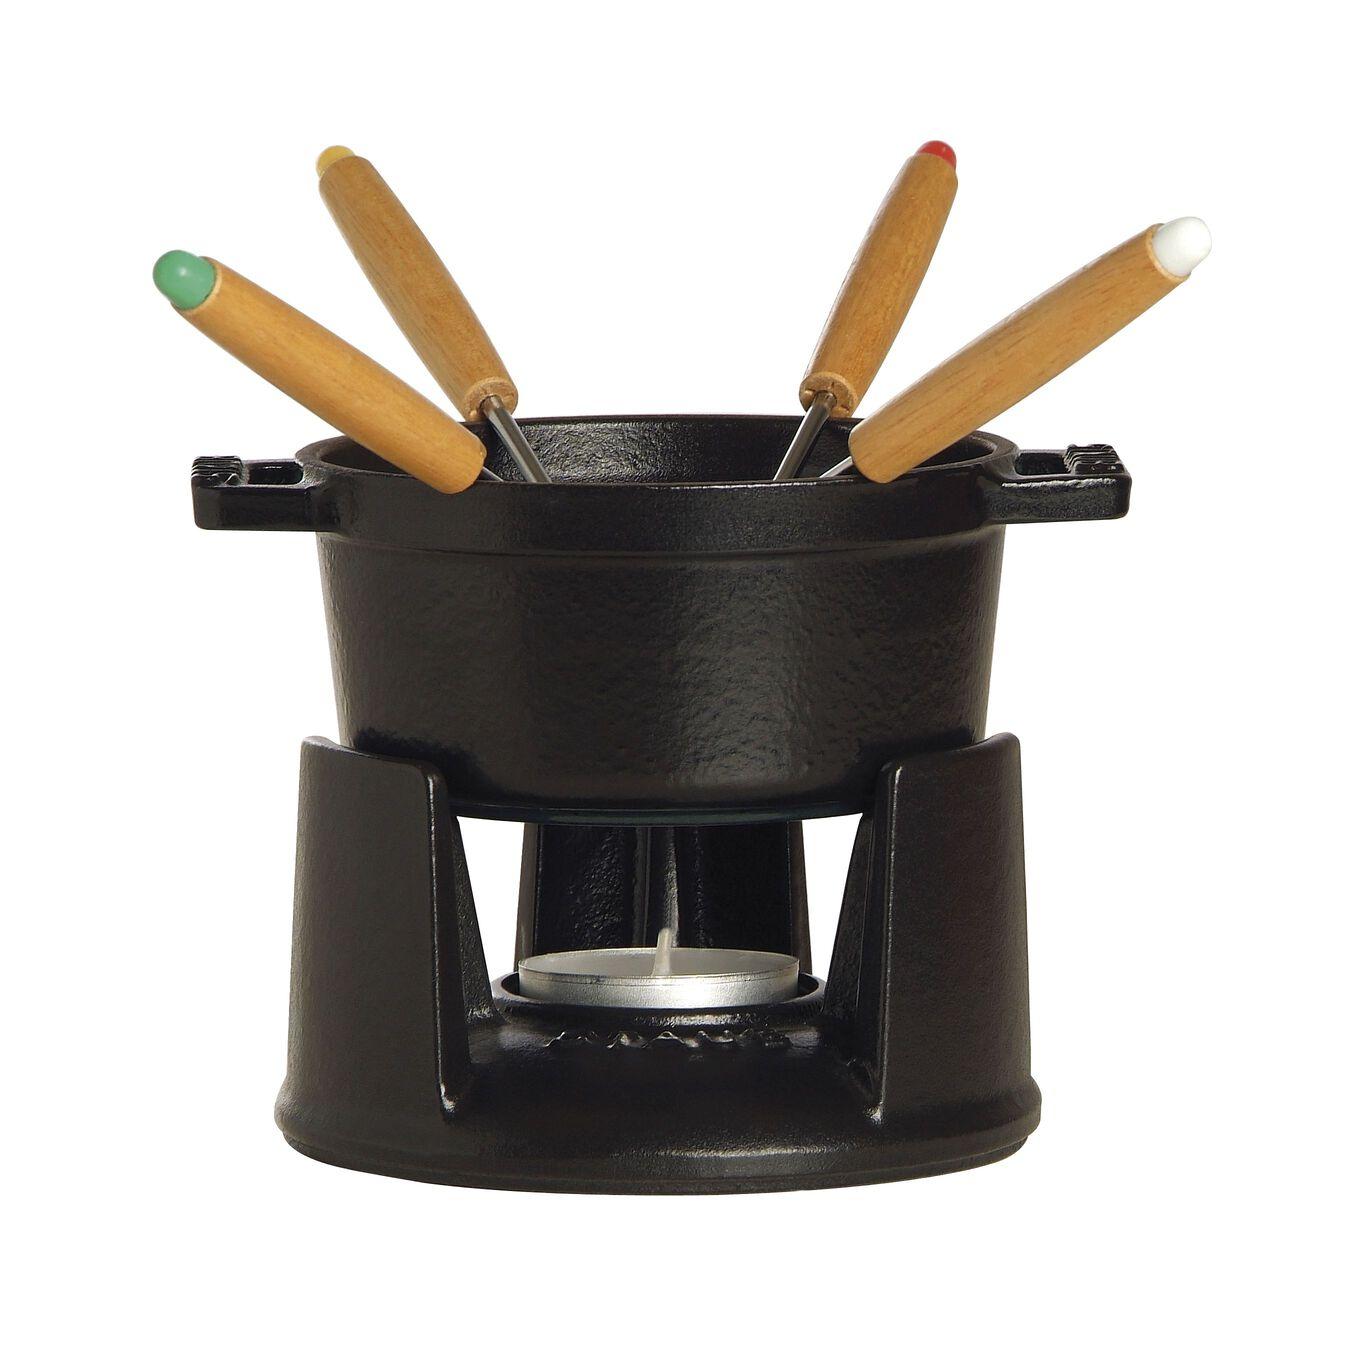 0.25-qt Mini Chocolate Fondue Set - Matte Black,,large 1